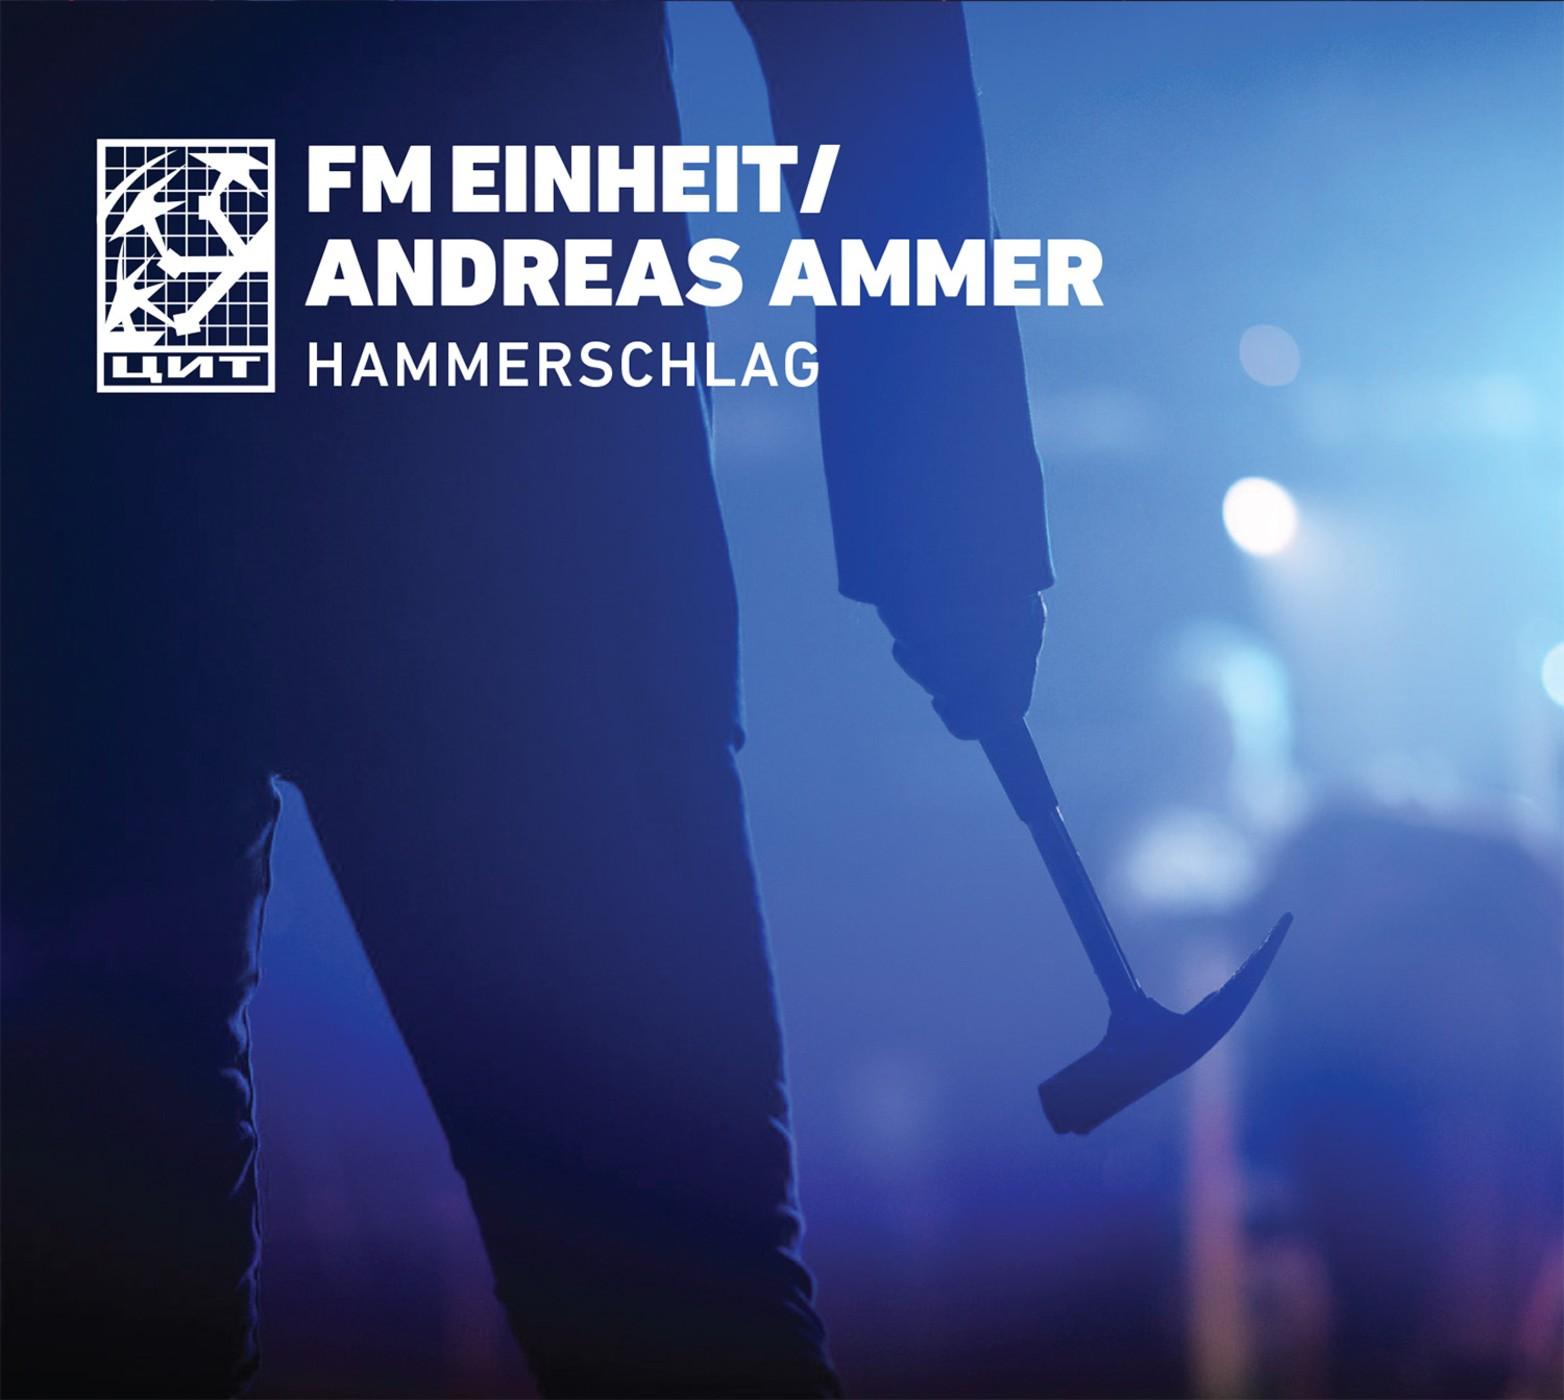 FM Einheit / Andreas Ammer - Hammerschlag